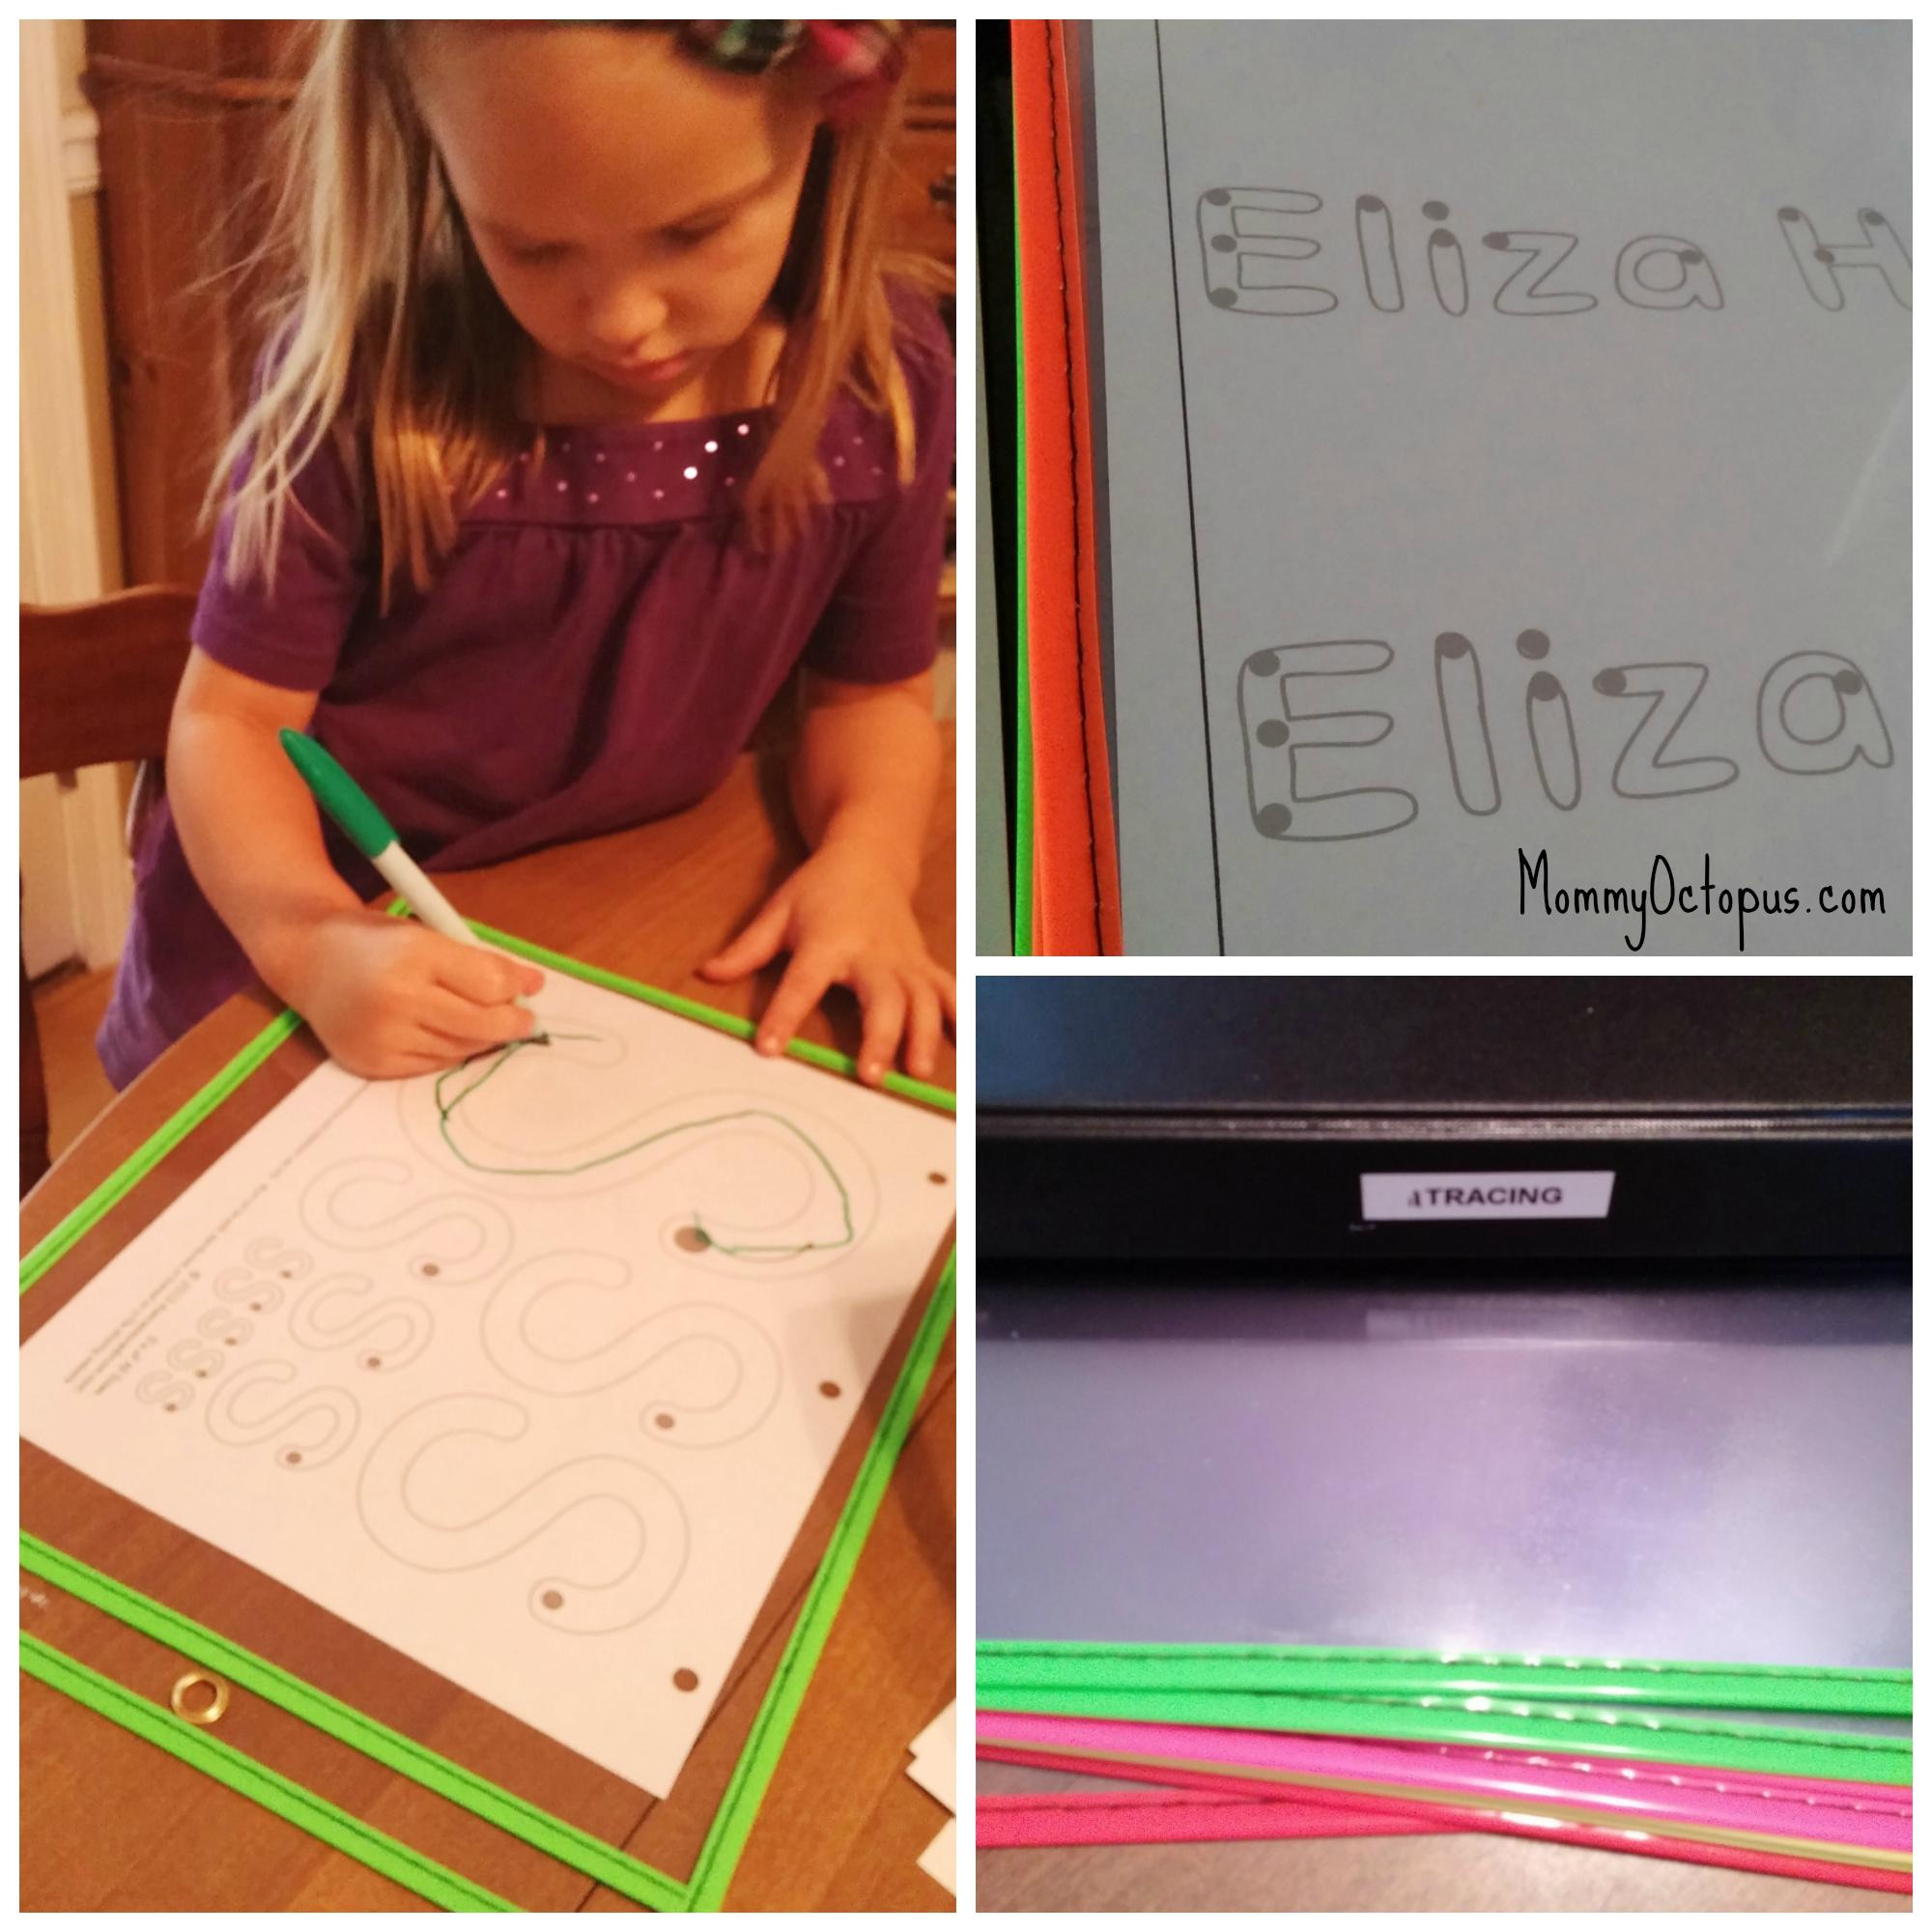 Tracing Practice For Preschool And Kindergarten Students